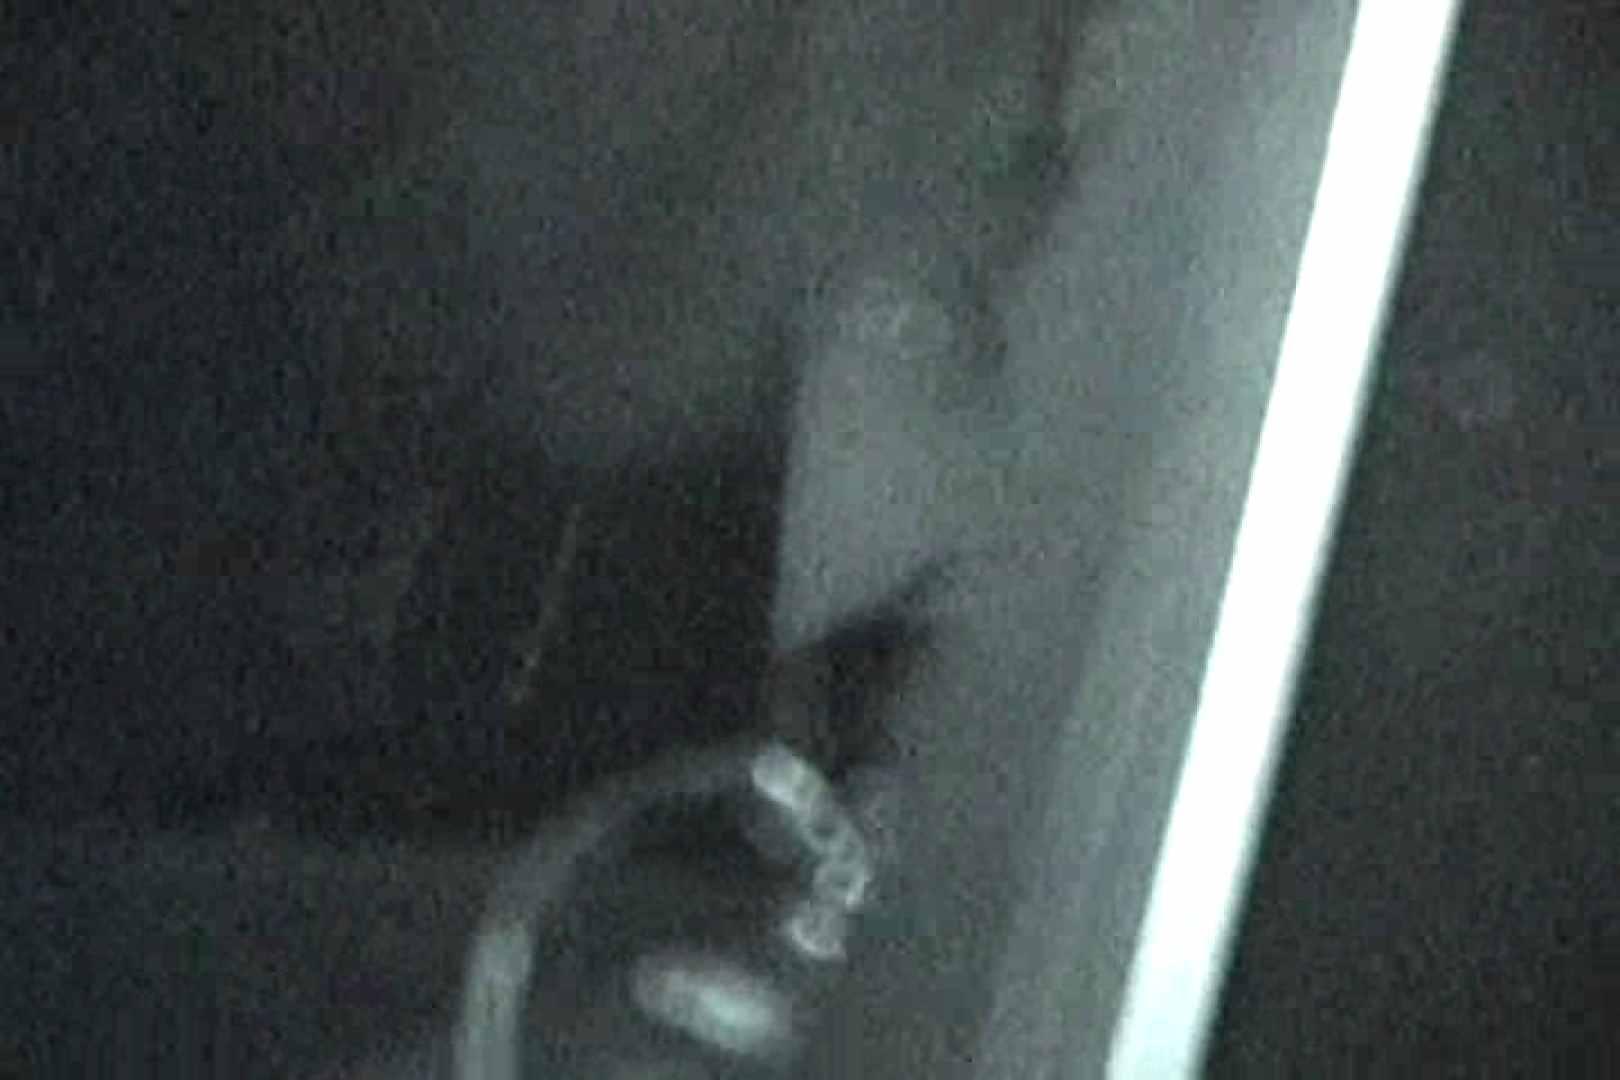 充血監督の深夜の運動会Vol.8 乳首  106画像 25